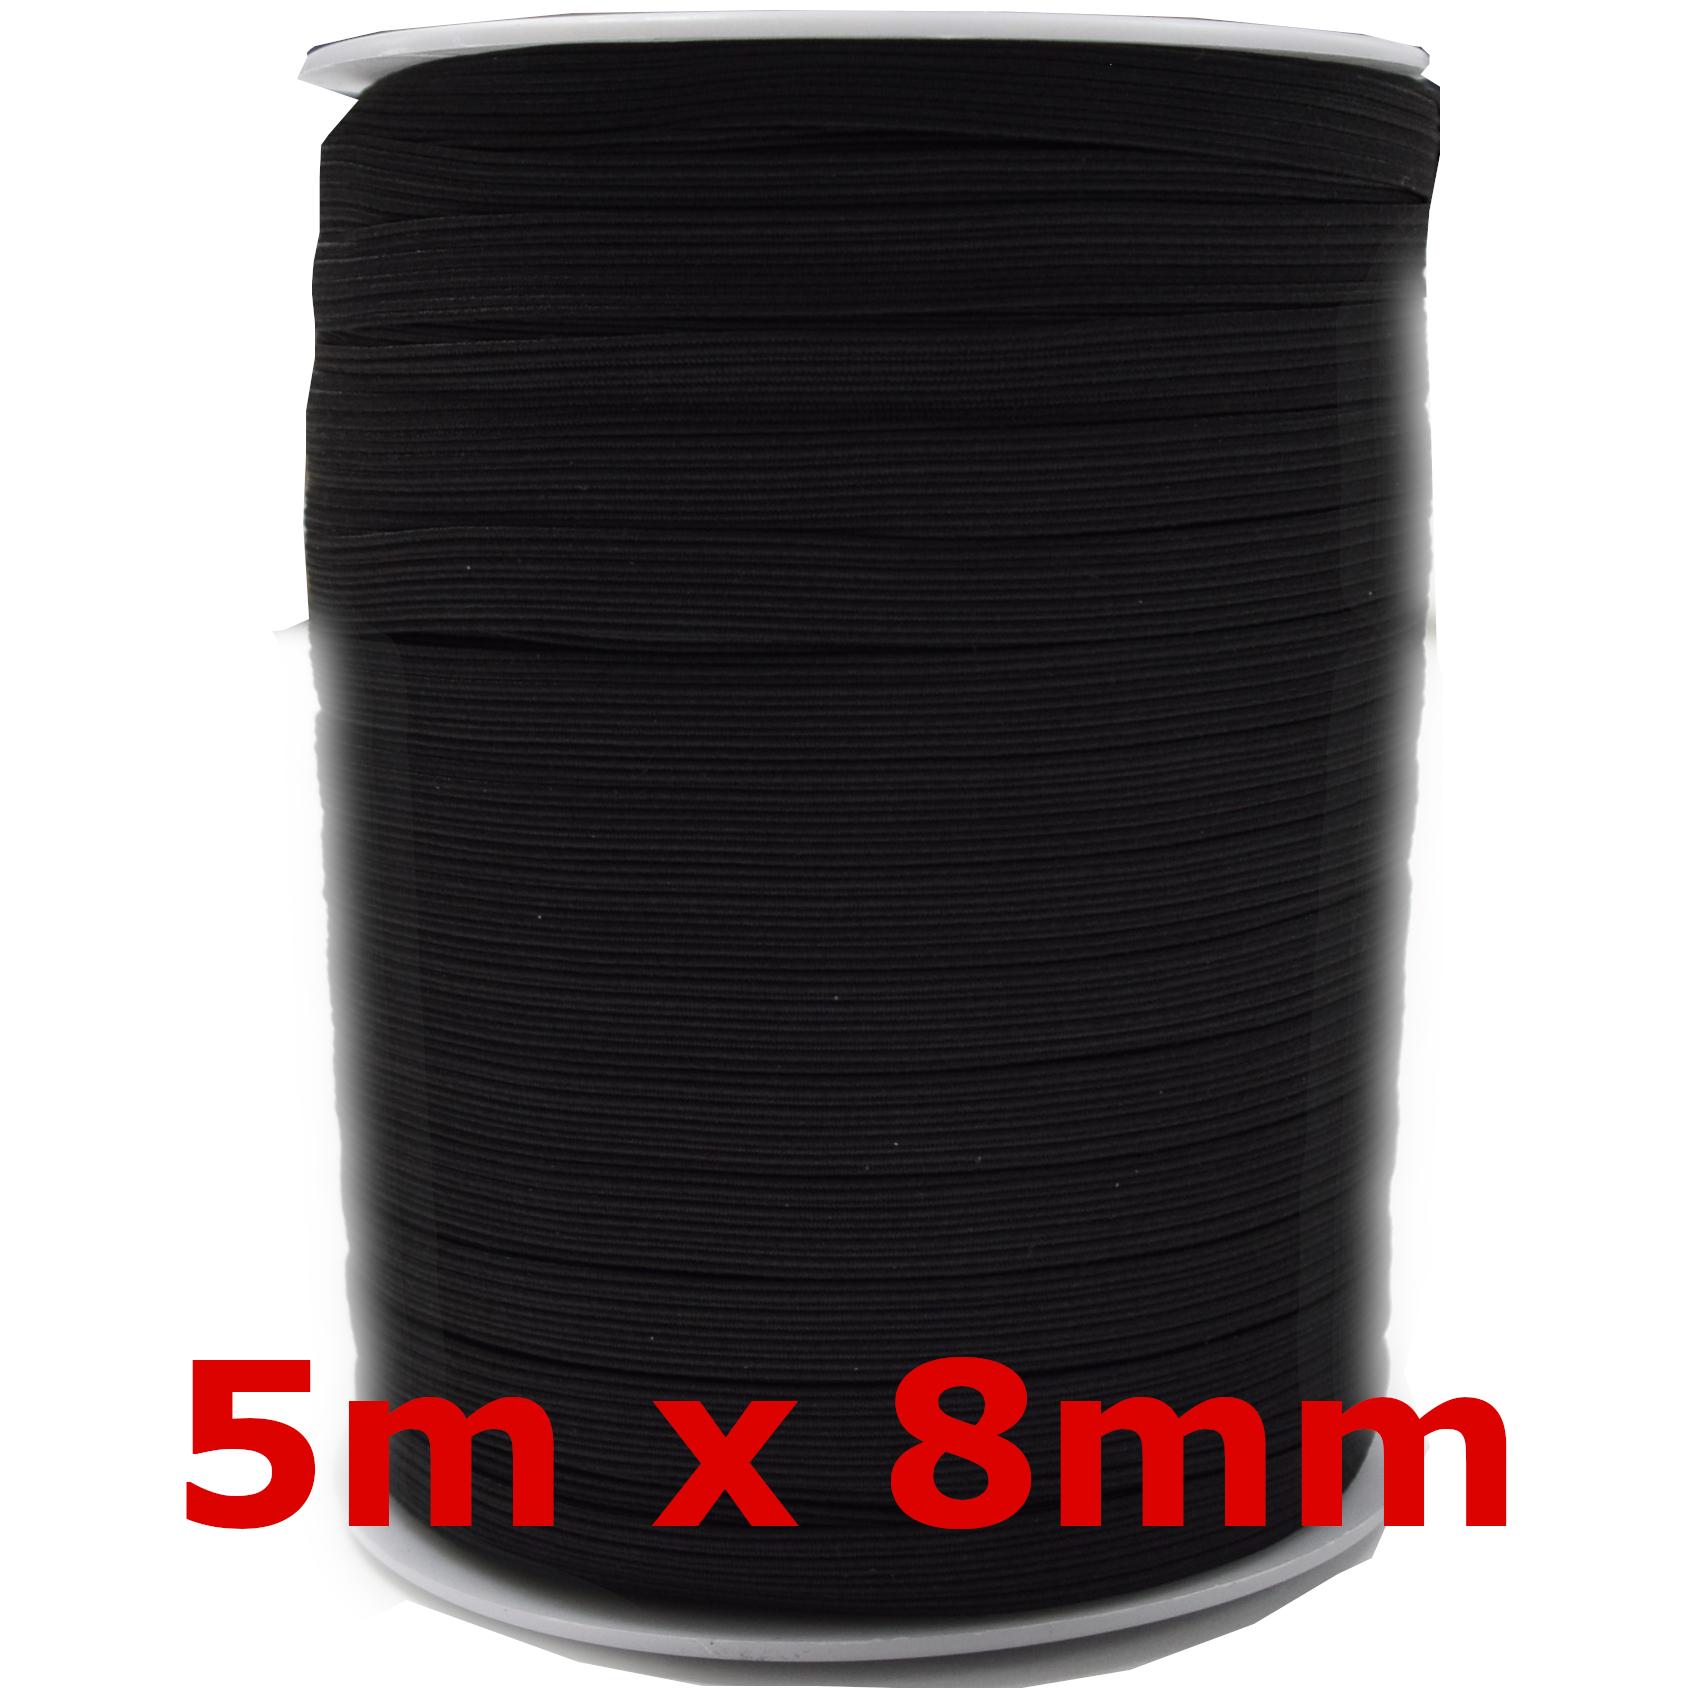 5m-x-3mm-5mm-6mm-Gummiband-kochfest-leichter-Zug-Gummilitze-schwarz-weiss-Maske Indexbild 13